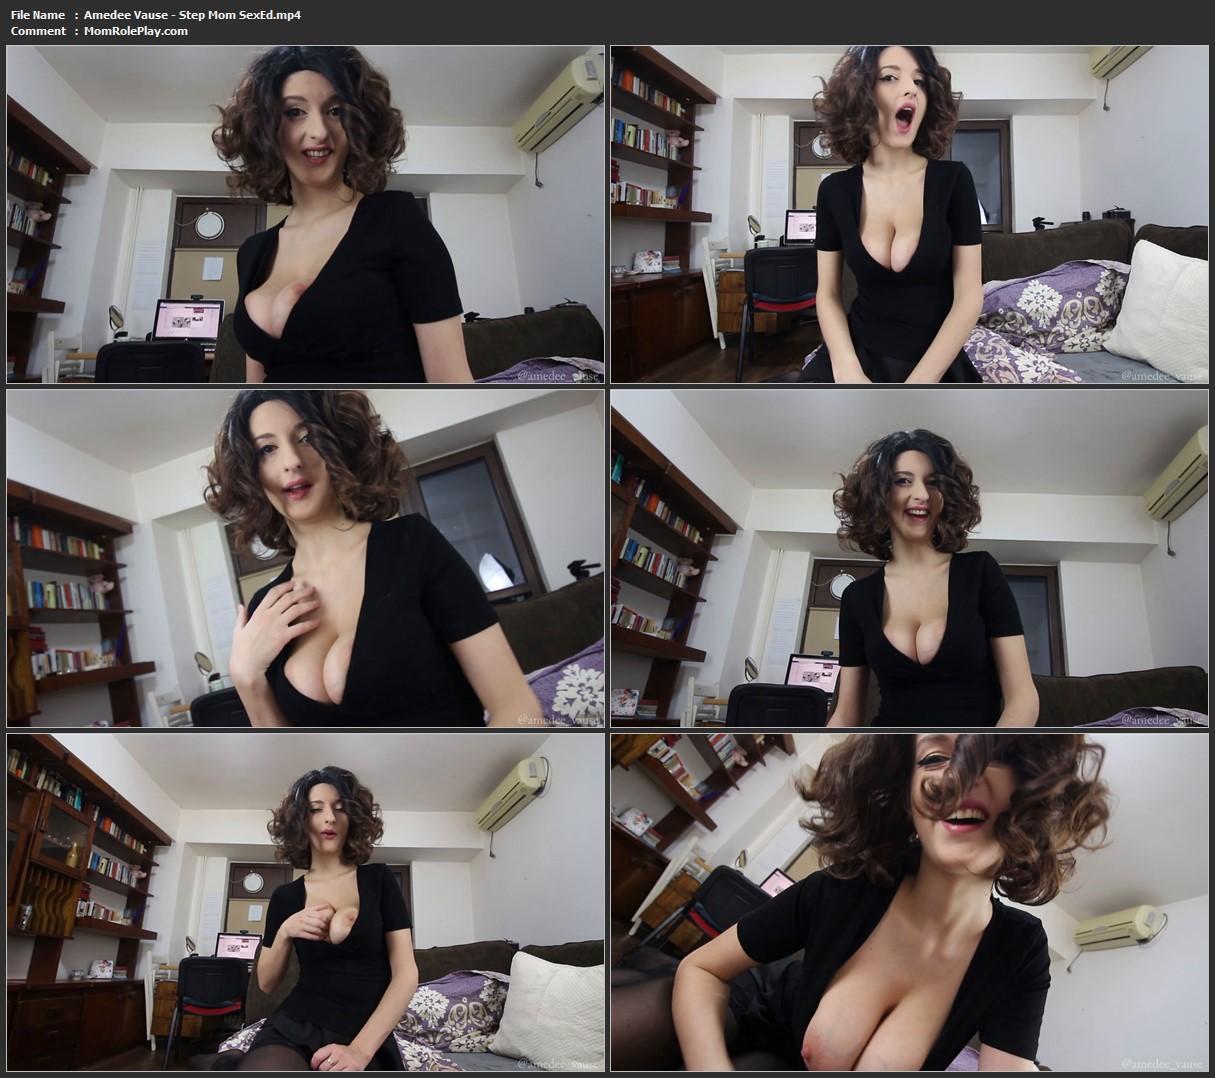 Amedee Vause - Step Mom SexEd